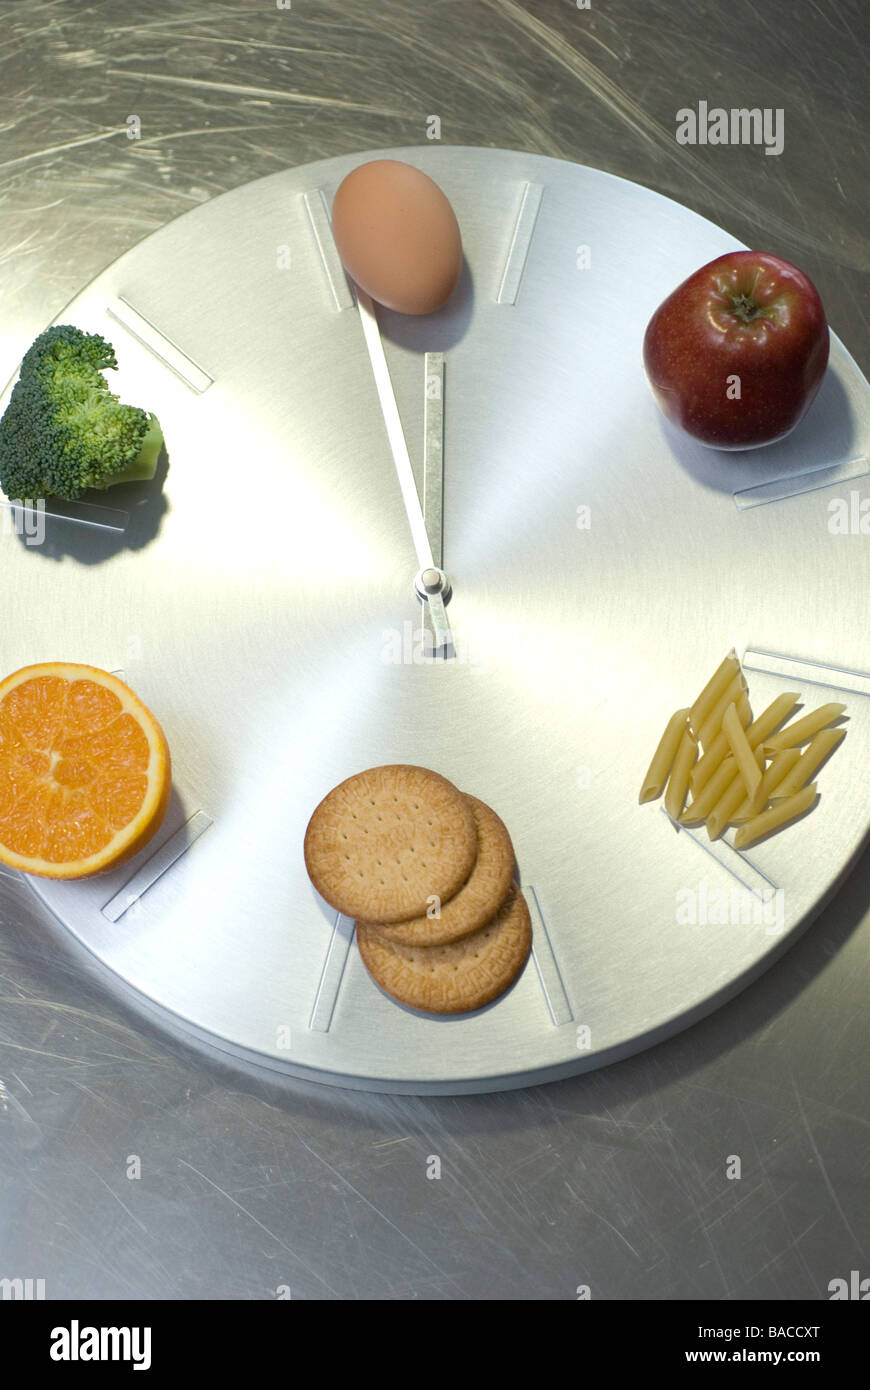 Contrôle de l'alimentation de l'horloge- pâtes, biscuits, oranges, pommes, oeufs et brocoli Photo Stock